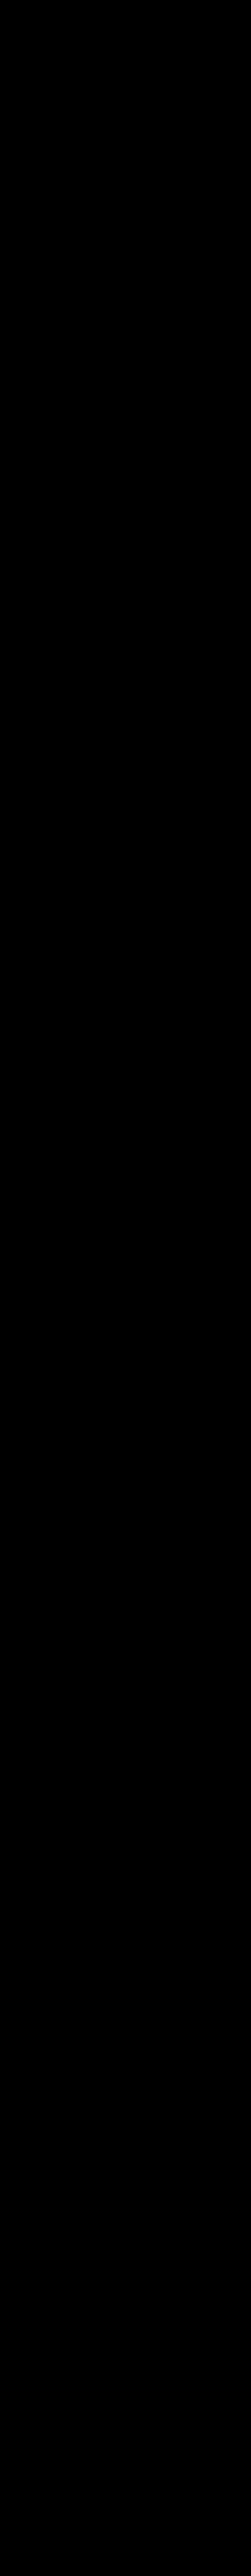 买办之家 音乐家林海为什么要高调征婚 音乐家林海征婚原文个人资料介绍